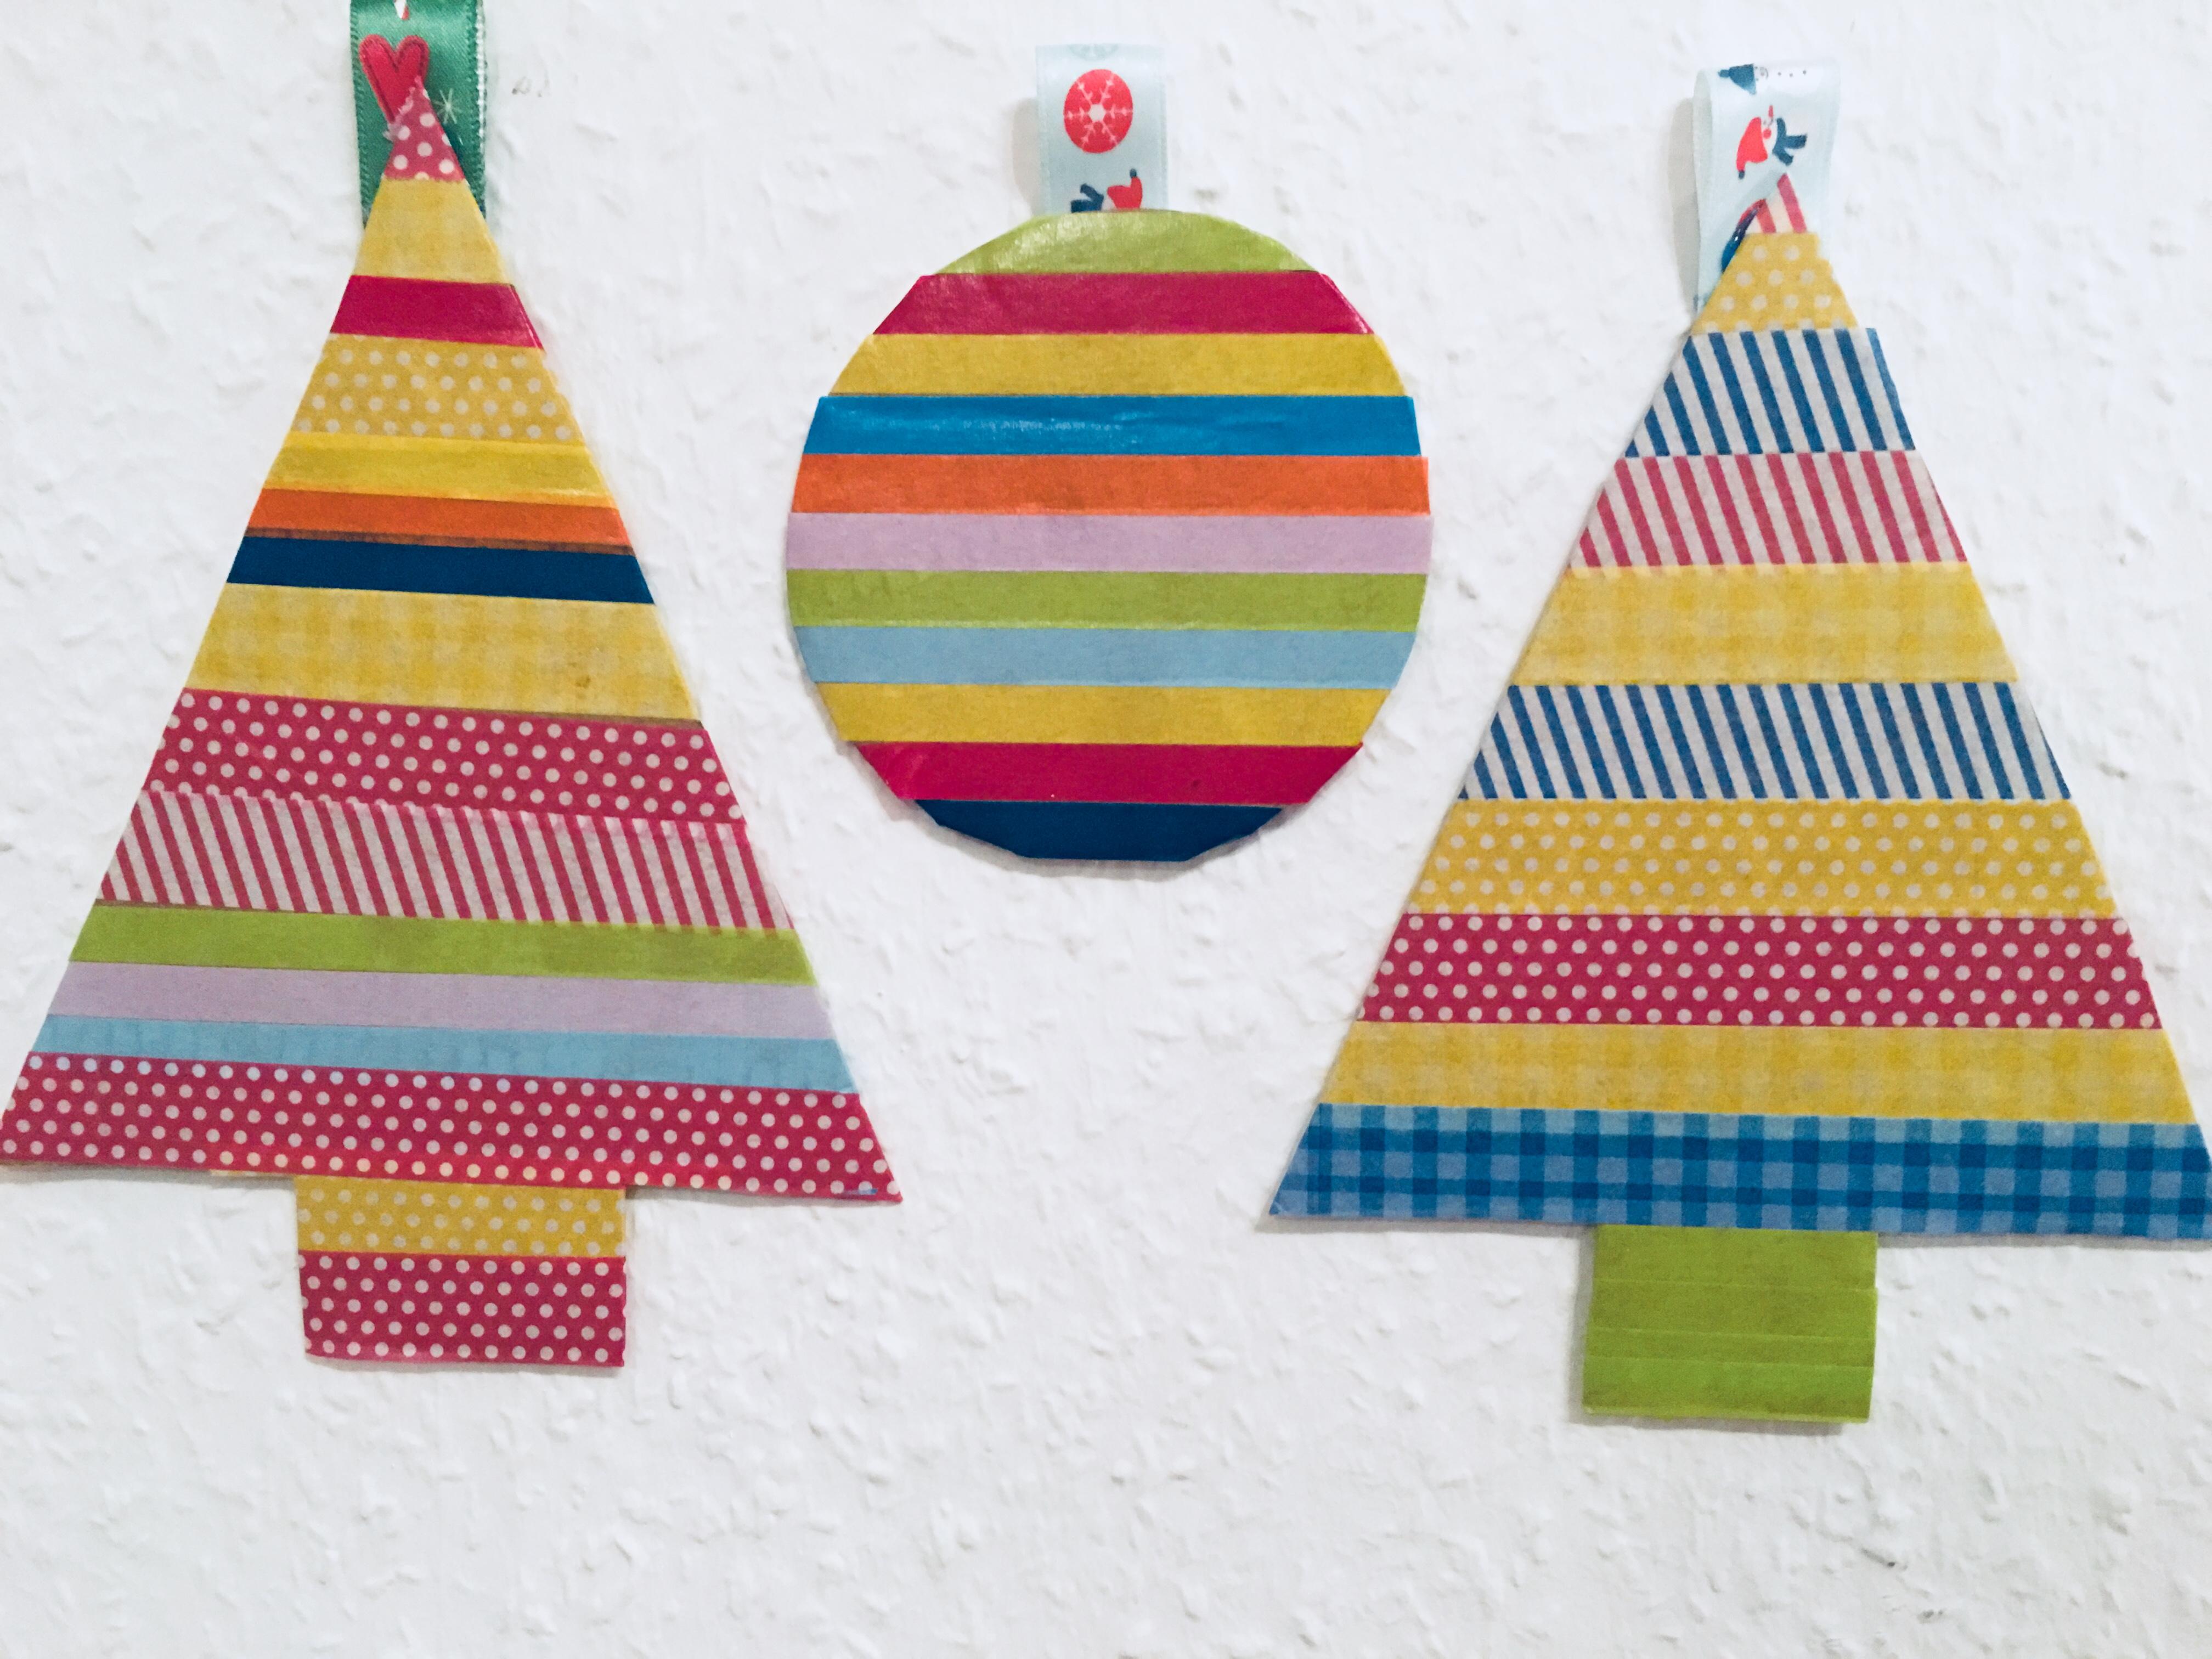 Weihnachtsdeko mit washi tape basteln mit kindern der familienblog f r kreative eltern - Weihnachtsdeko basteln mit kindern ...